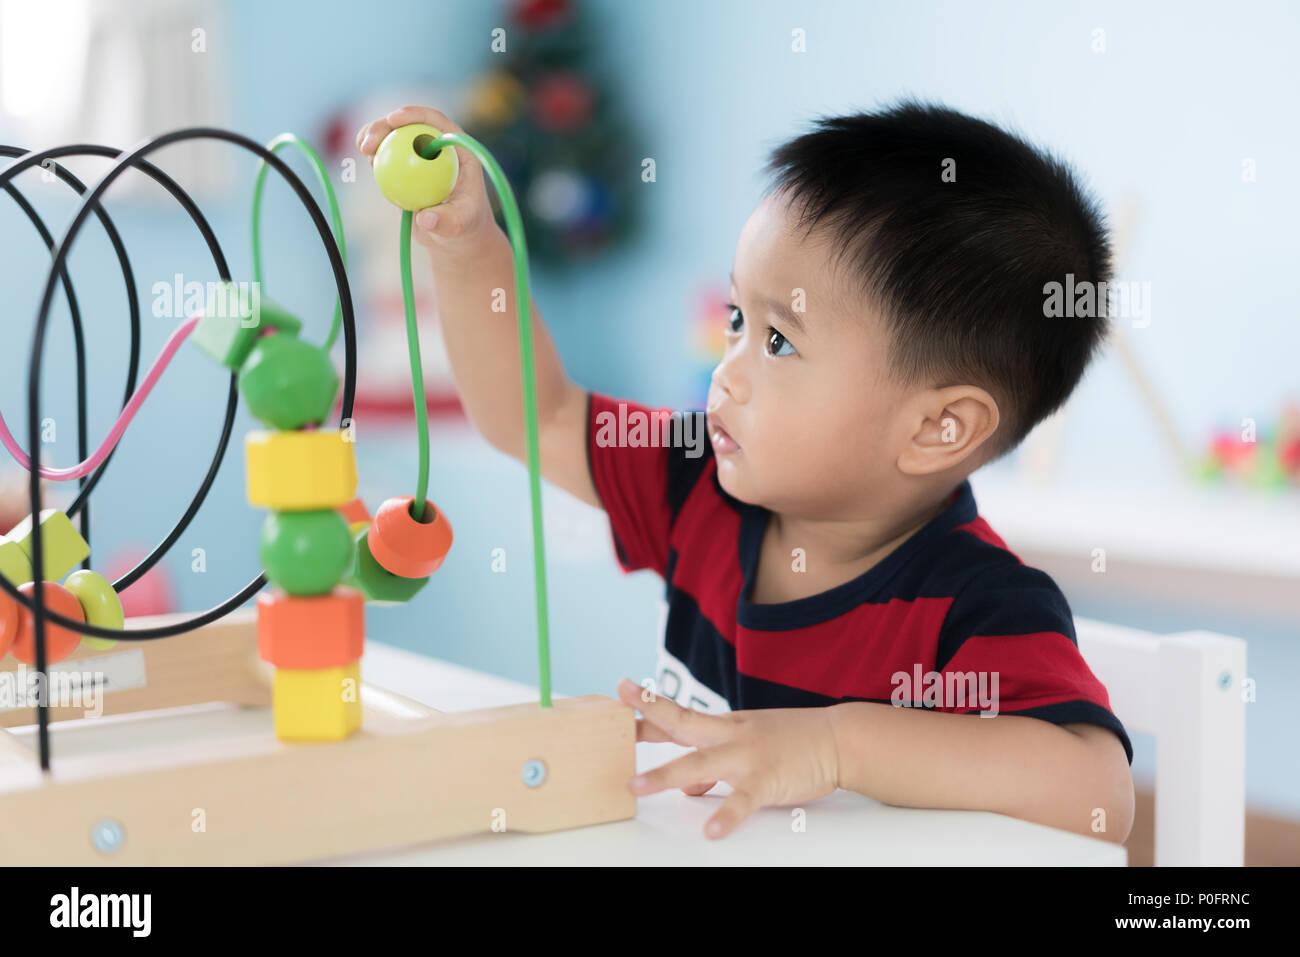 Adorable asiatischen Kleinkind Baby Junge sitzt auf einem Stuhl und Spielen mit Farbe entwicklungspolitischen Spielzeug zu Hause. Stockbild